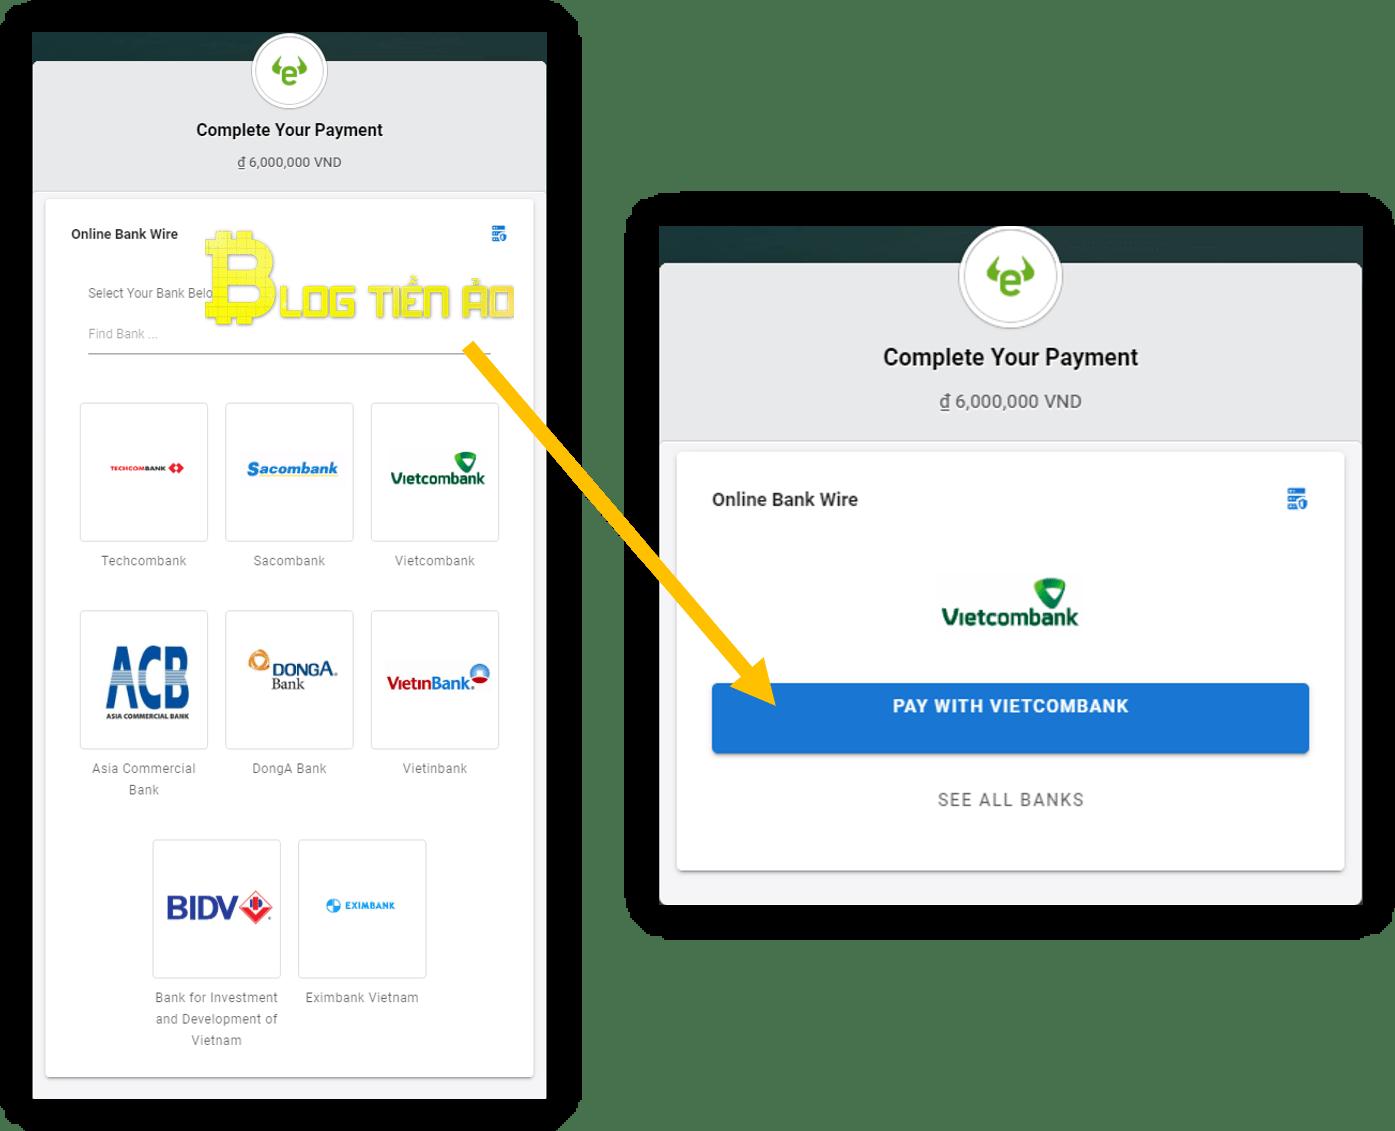 अपना बैंक चुनें और vietcombank के साथ भुगतान चुनें